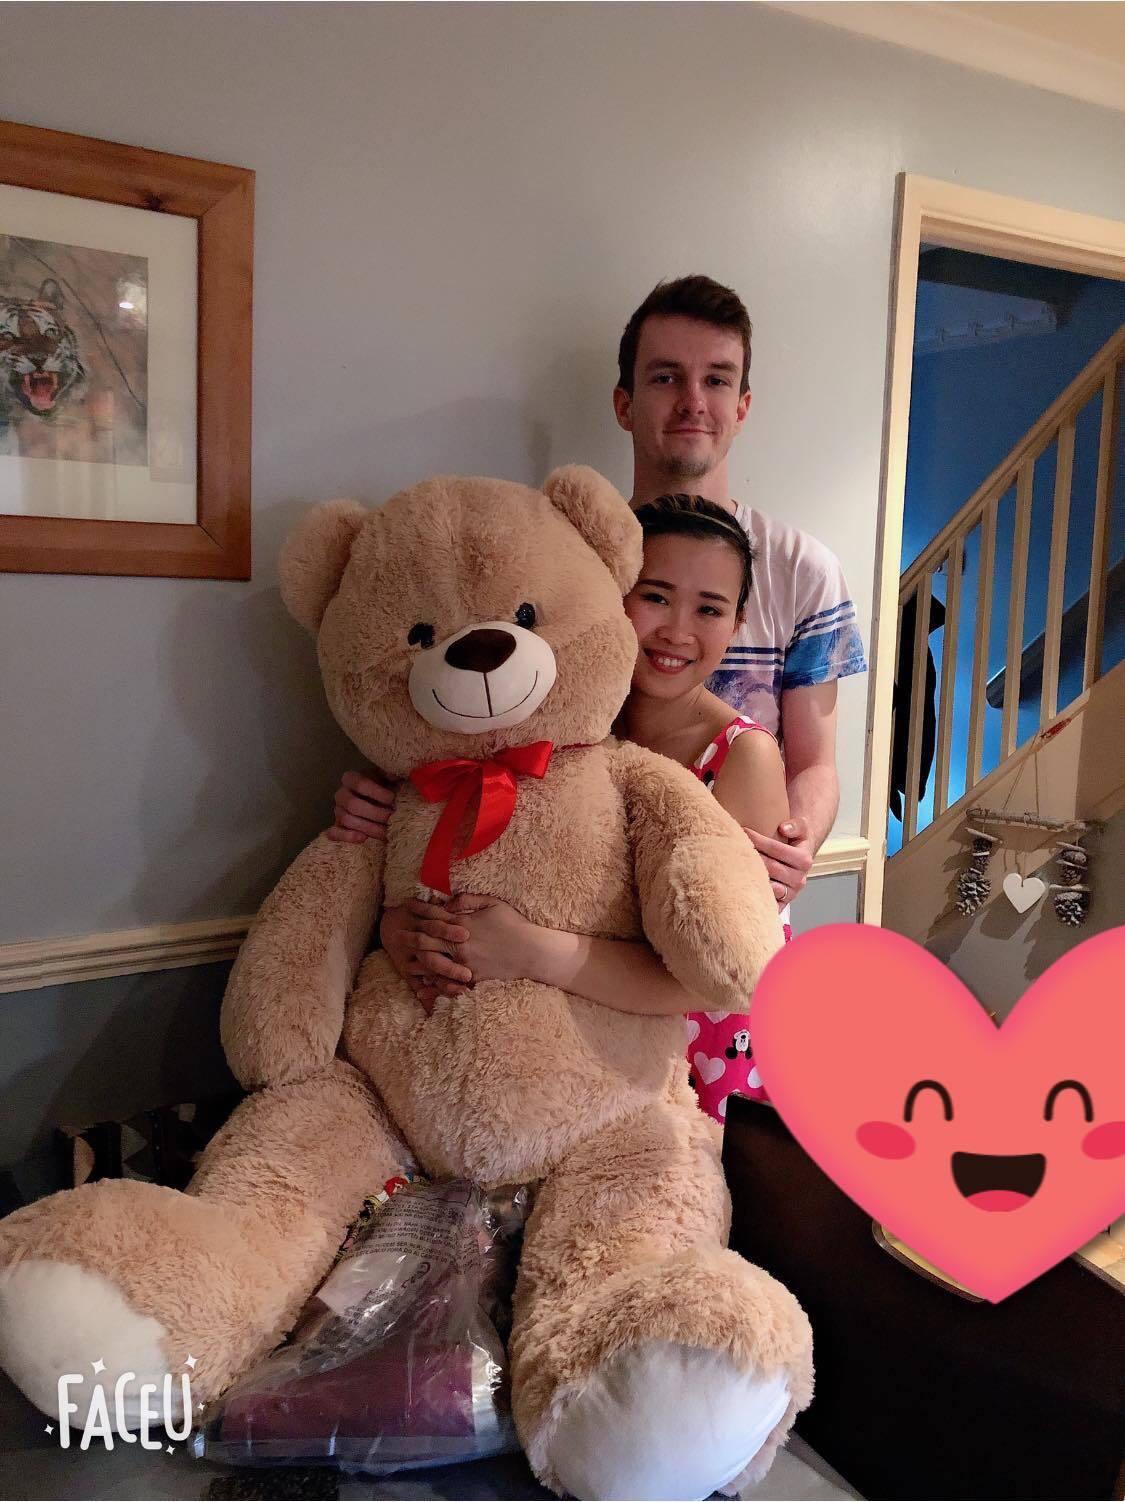 Tình yêu ngọt ngào của cô gái Đồng Nai và chàng trai người Anh Ảnh 2